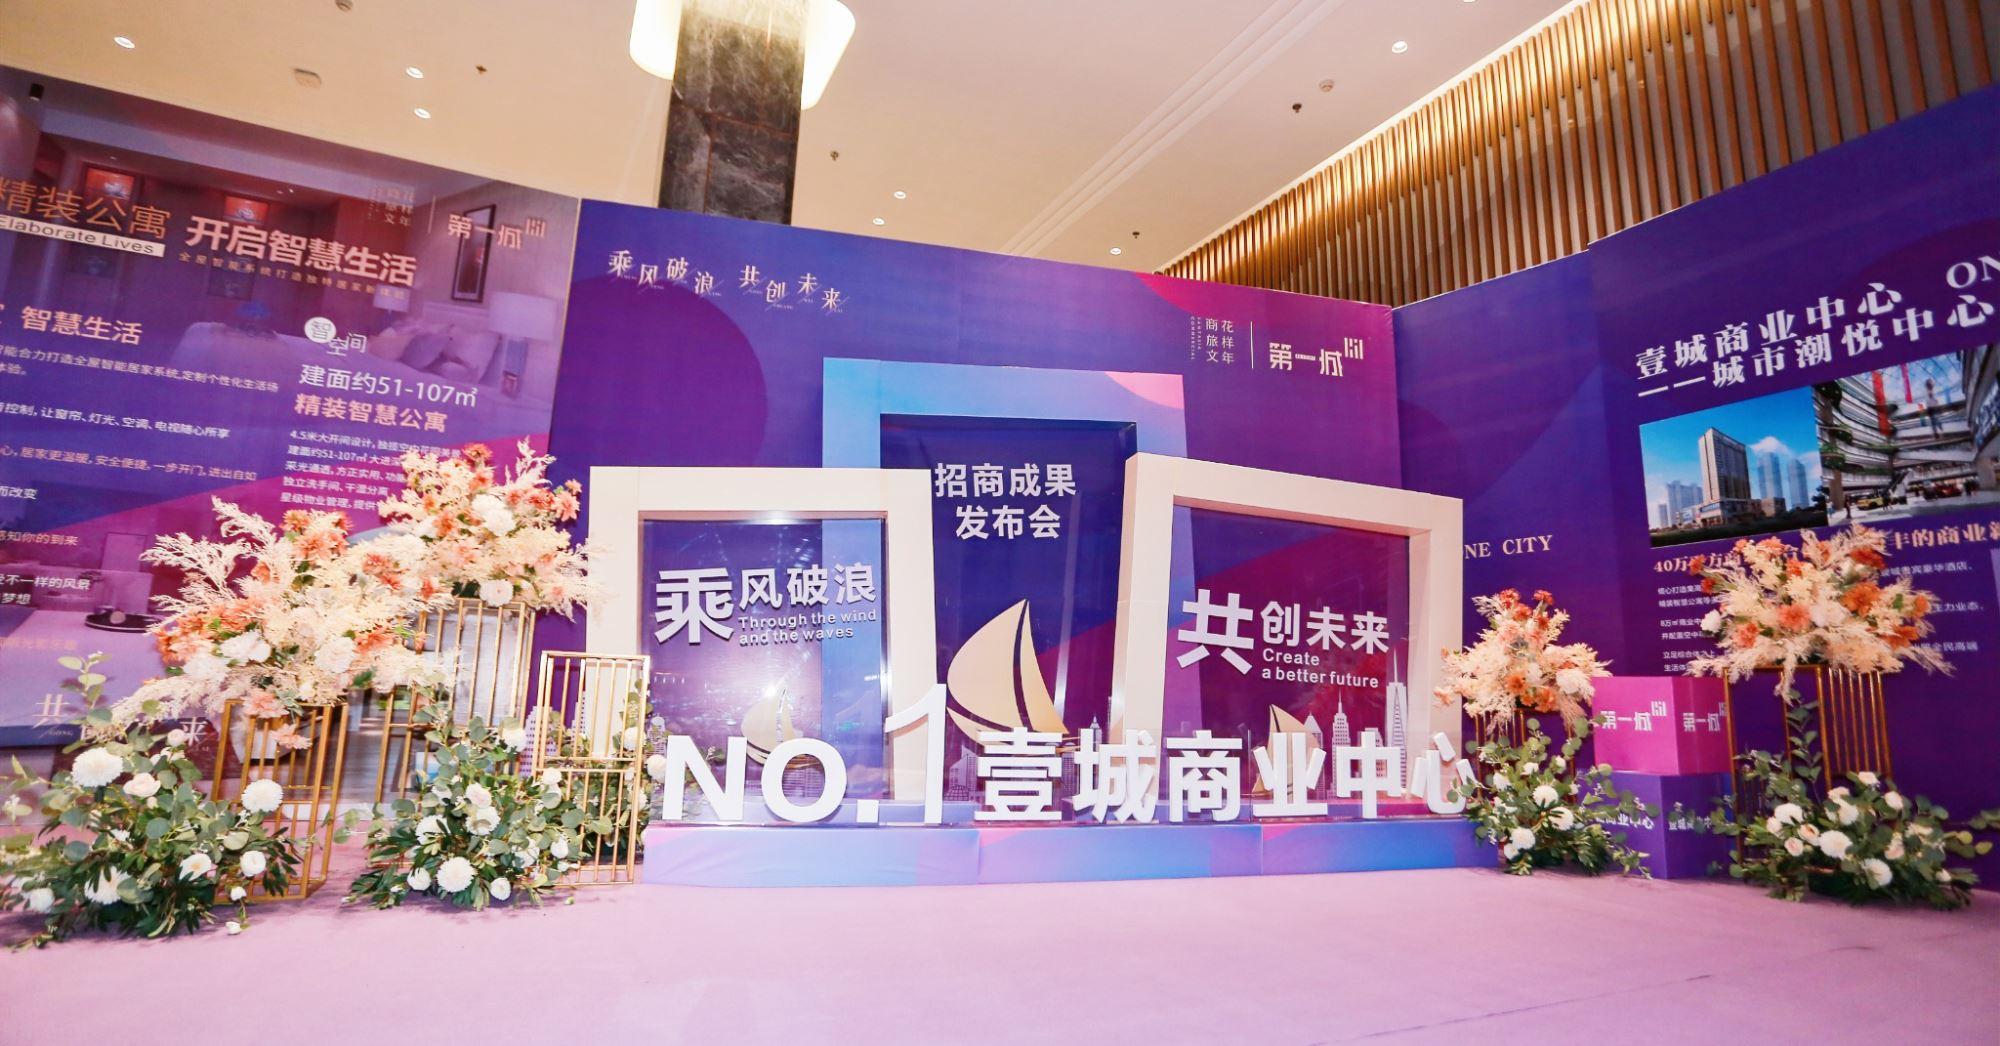 海丰商业格局大变革 华成峰集团携手花样年商旅文开启海丰商业新模式